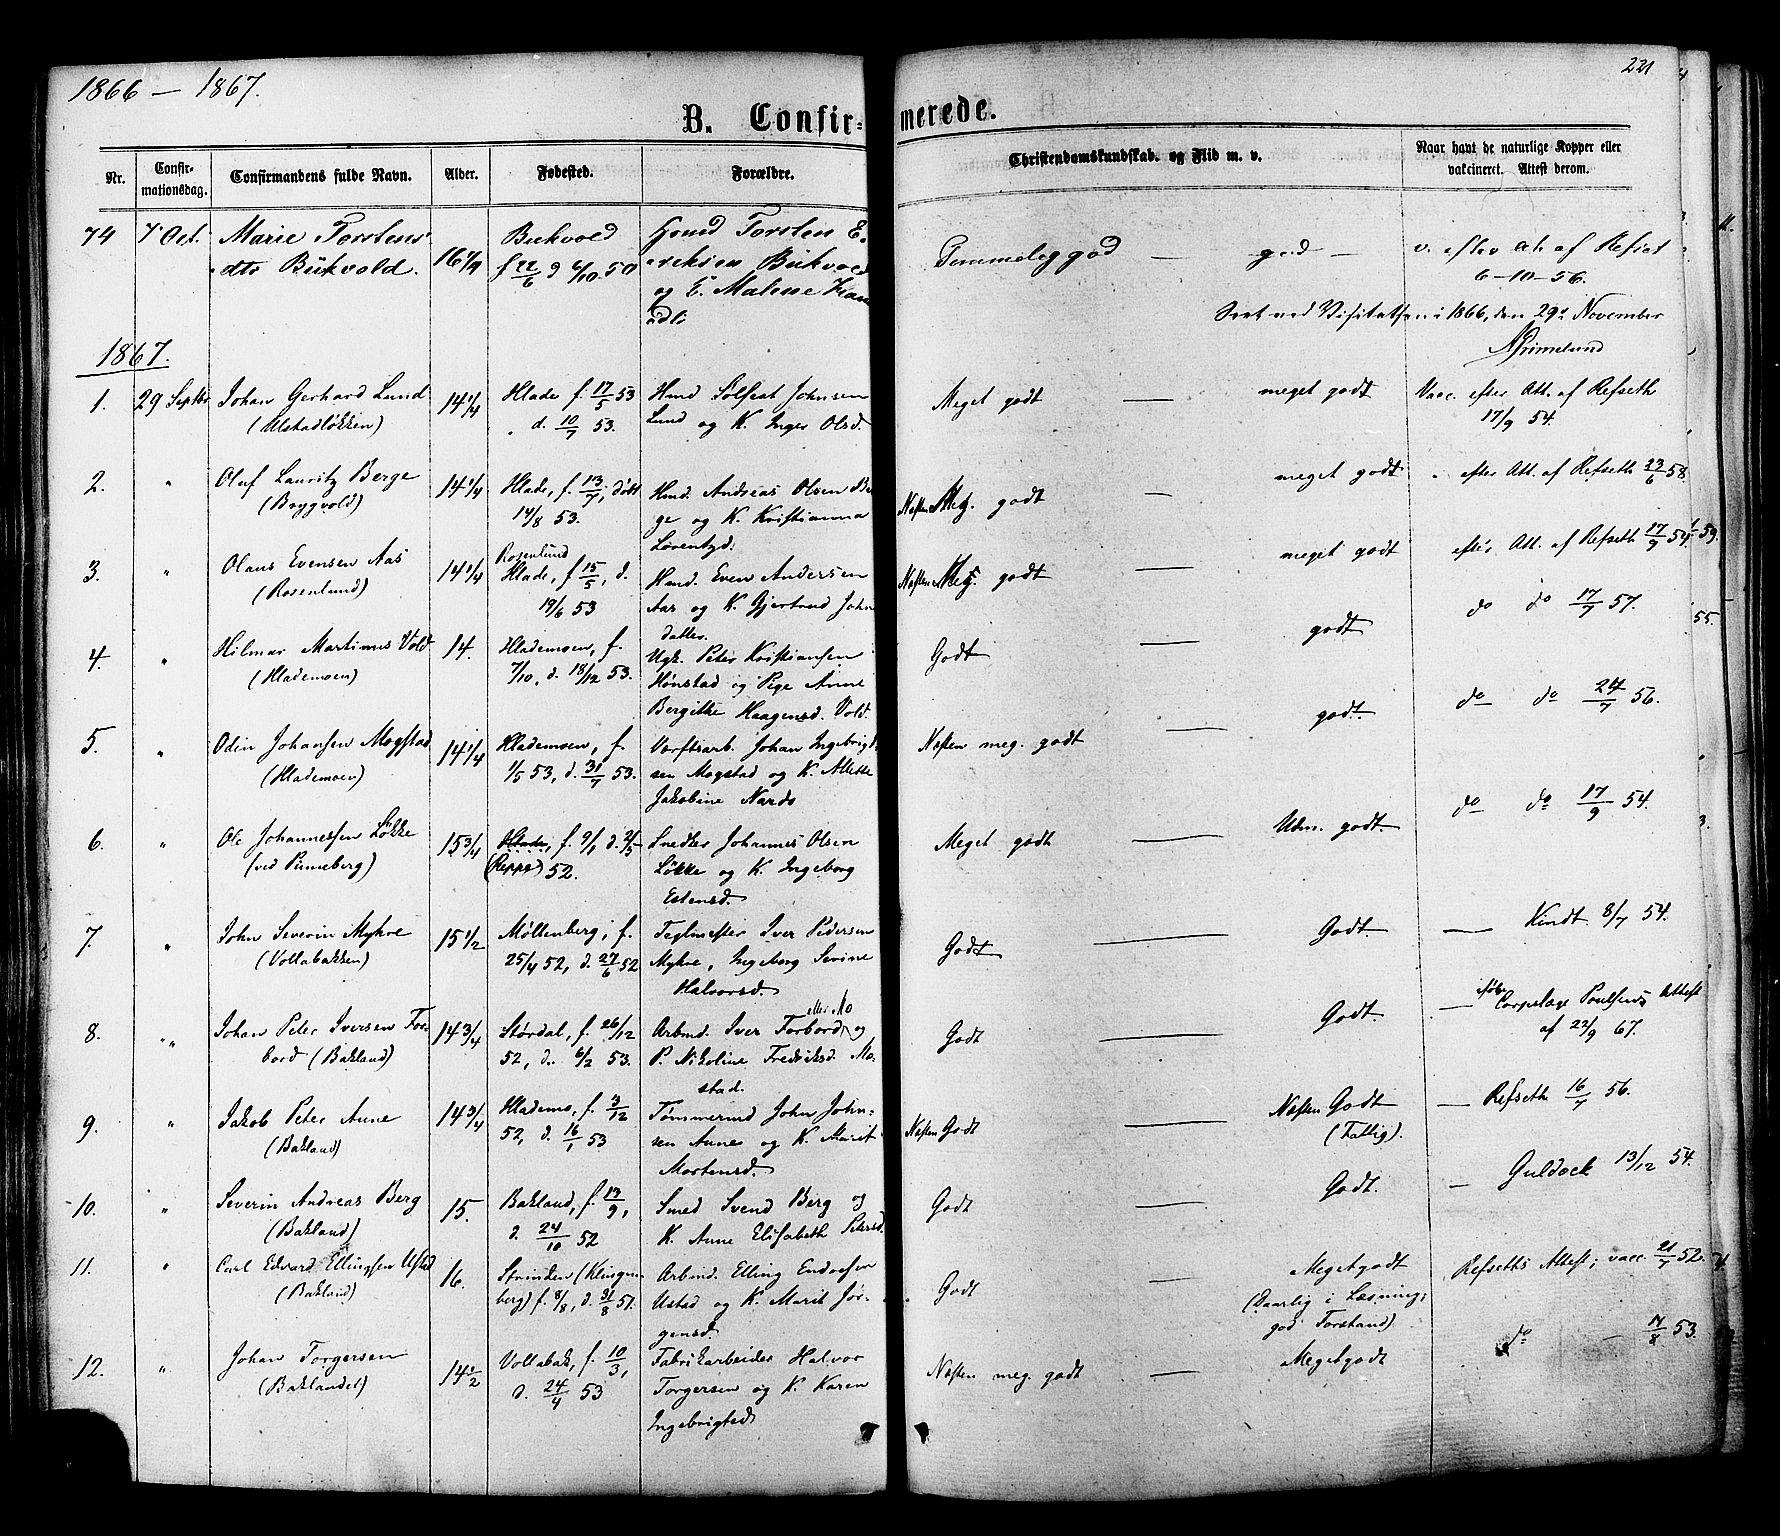 SAT, Ministerialprotokoller, klokkerbøker og fødselsregistre - Sør-Trøndelag, 606/L0293: Ministerialbok nr. 606A08, 1866-1877, s. 221